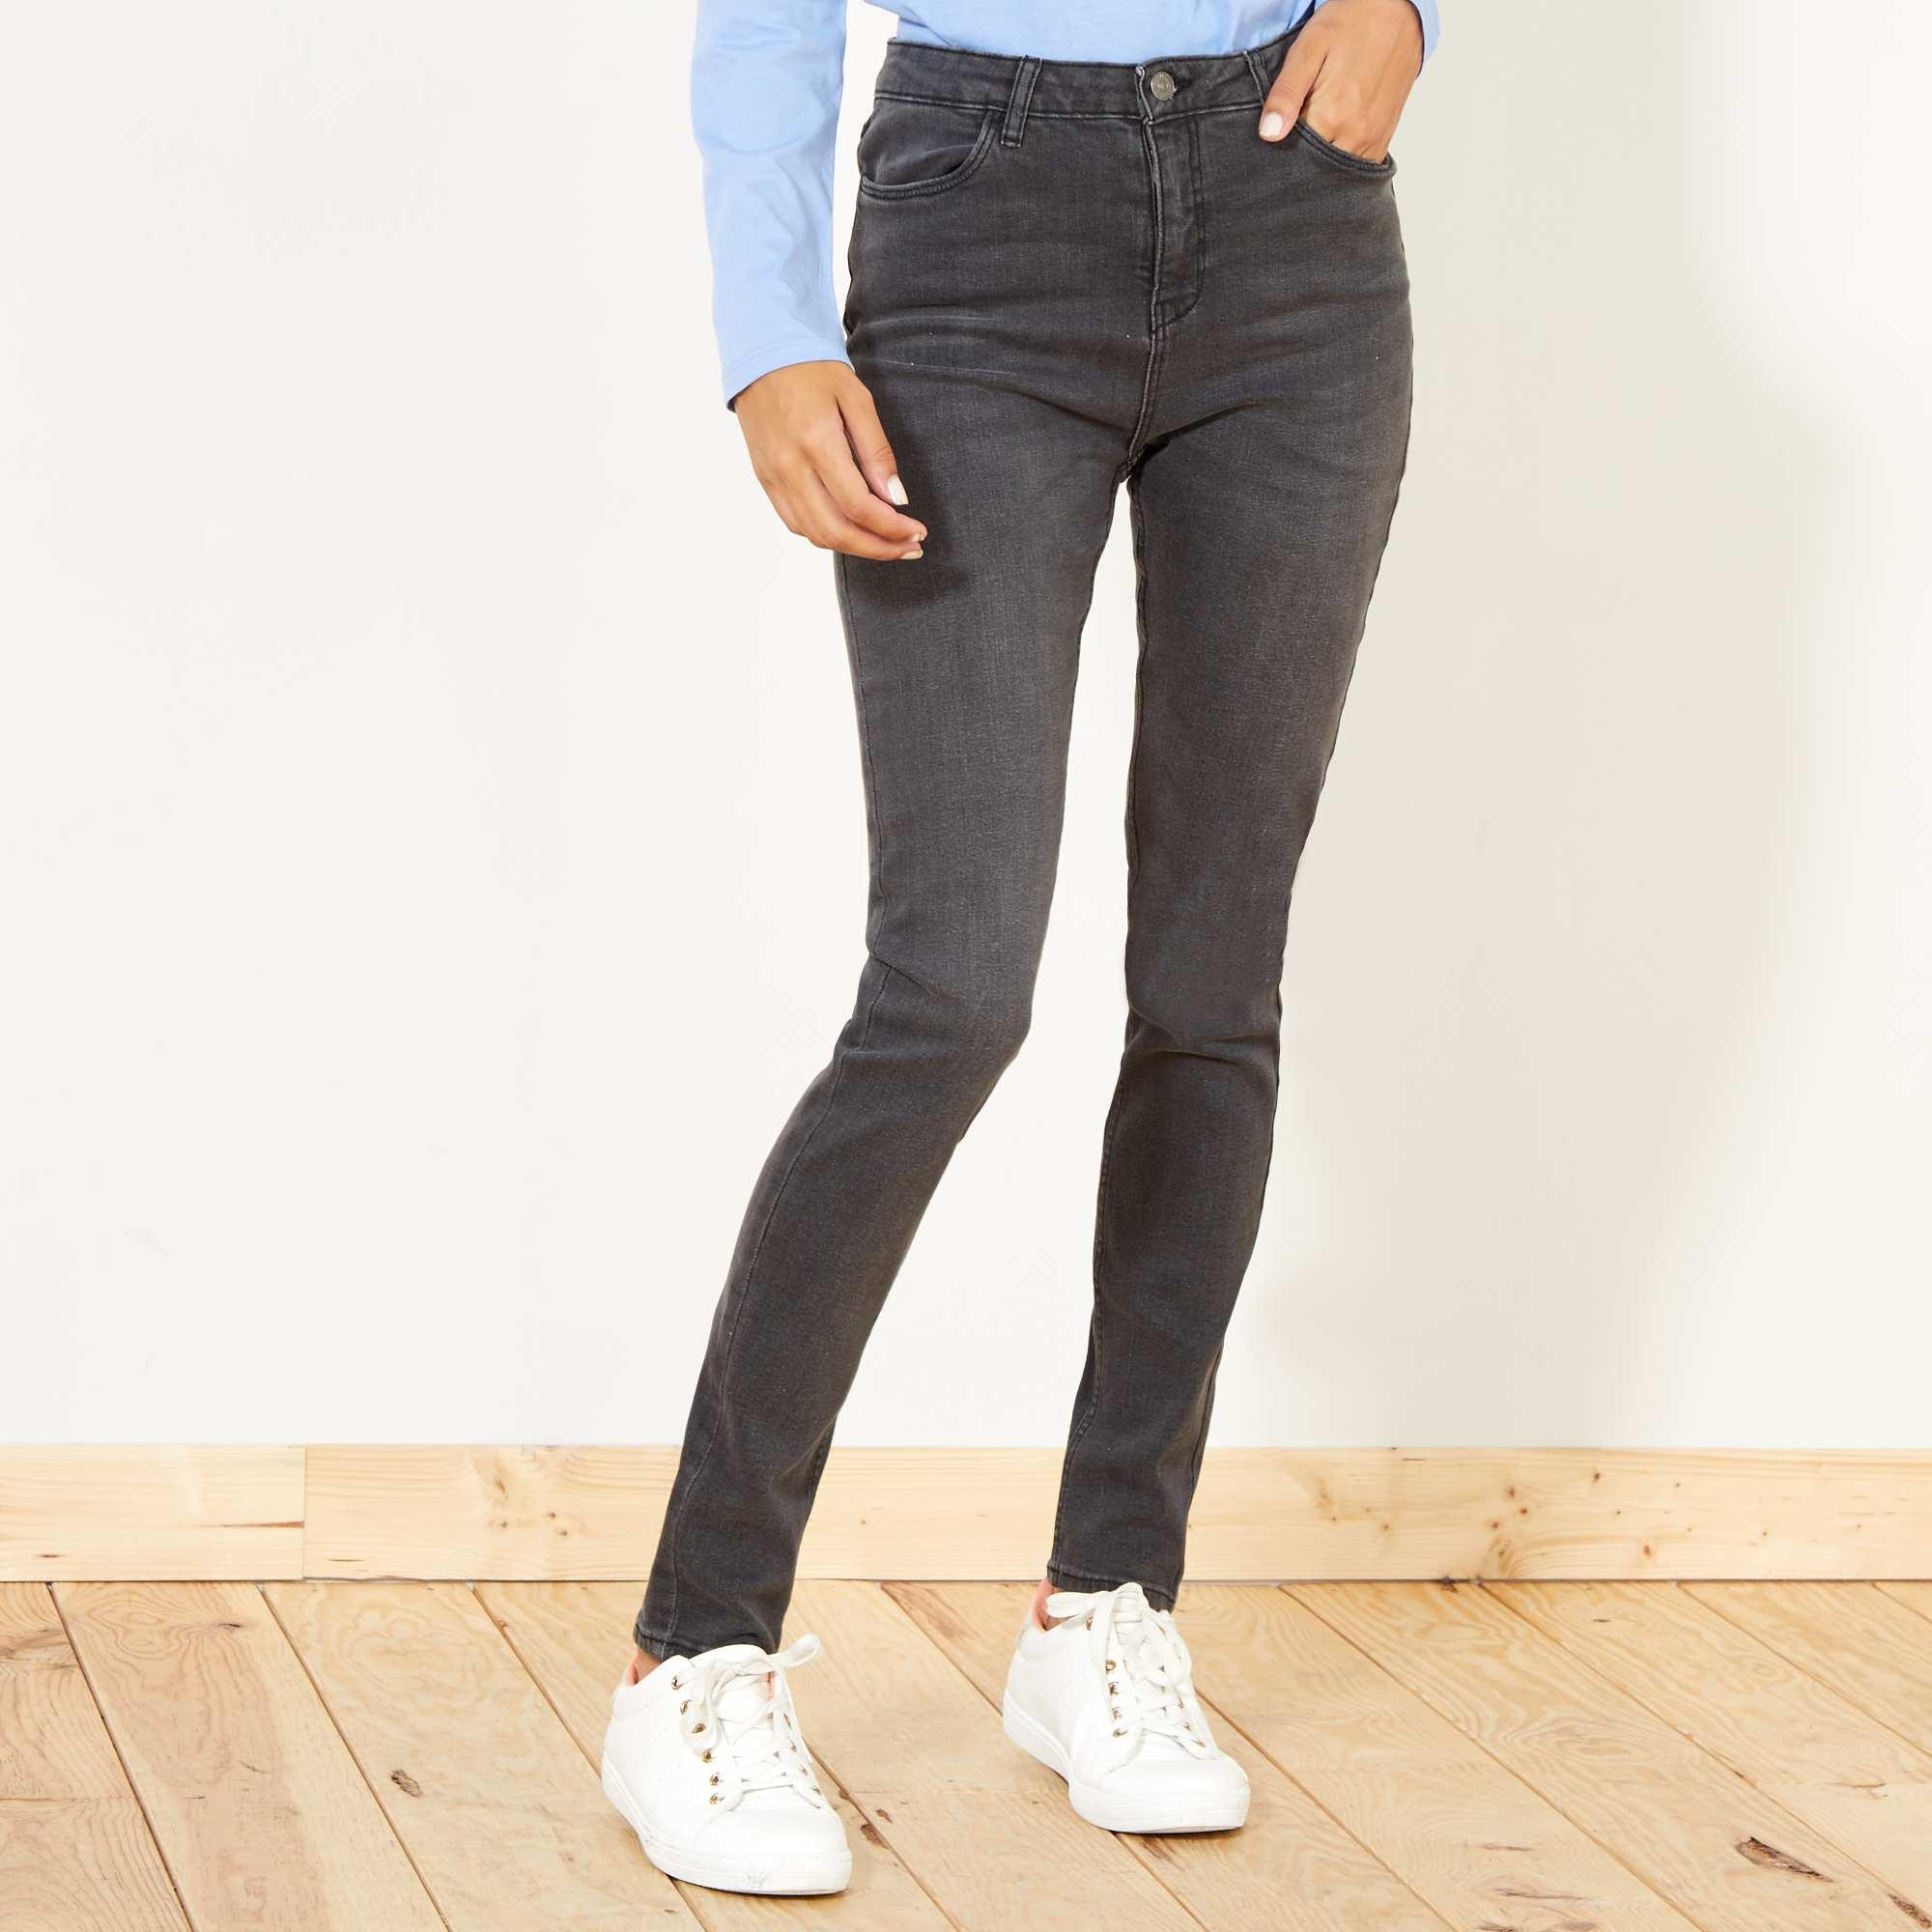 f8d8e579ff Jean skinny taille haute longueur US 32 gris foncé Femme. Loading zoom